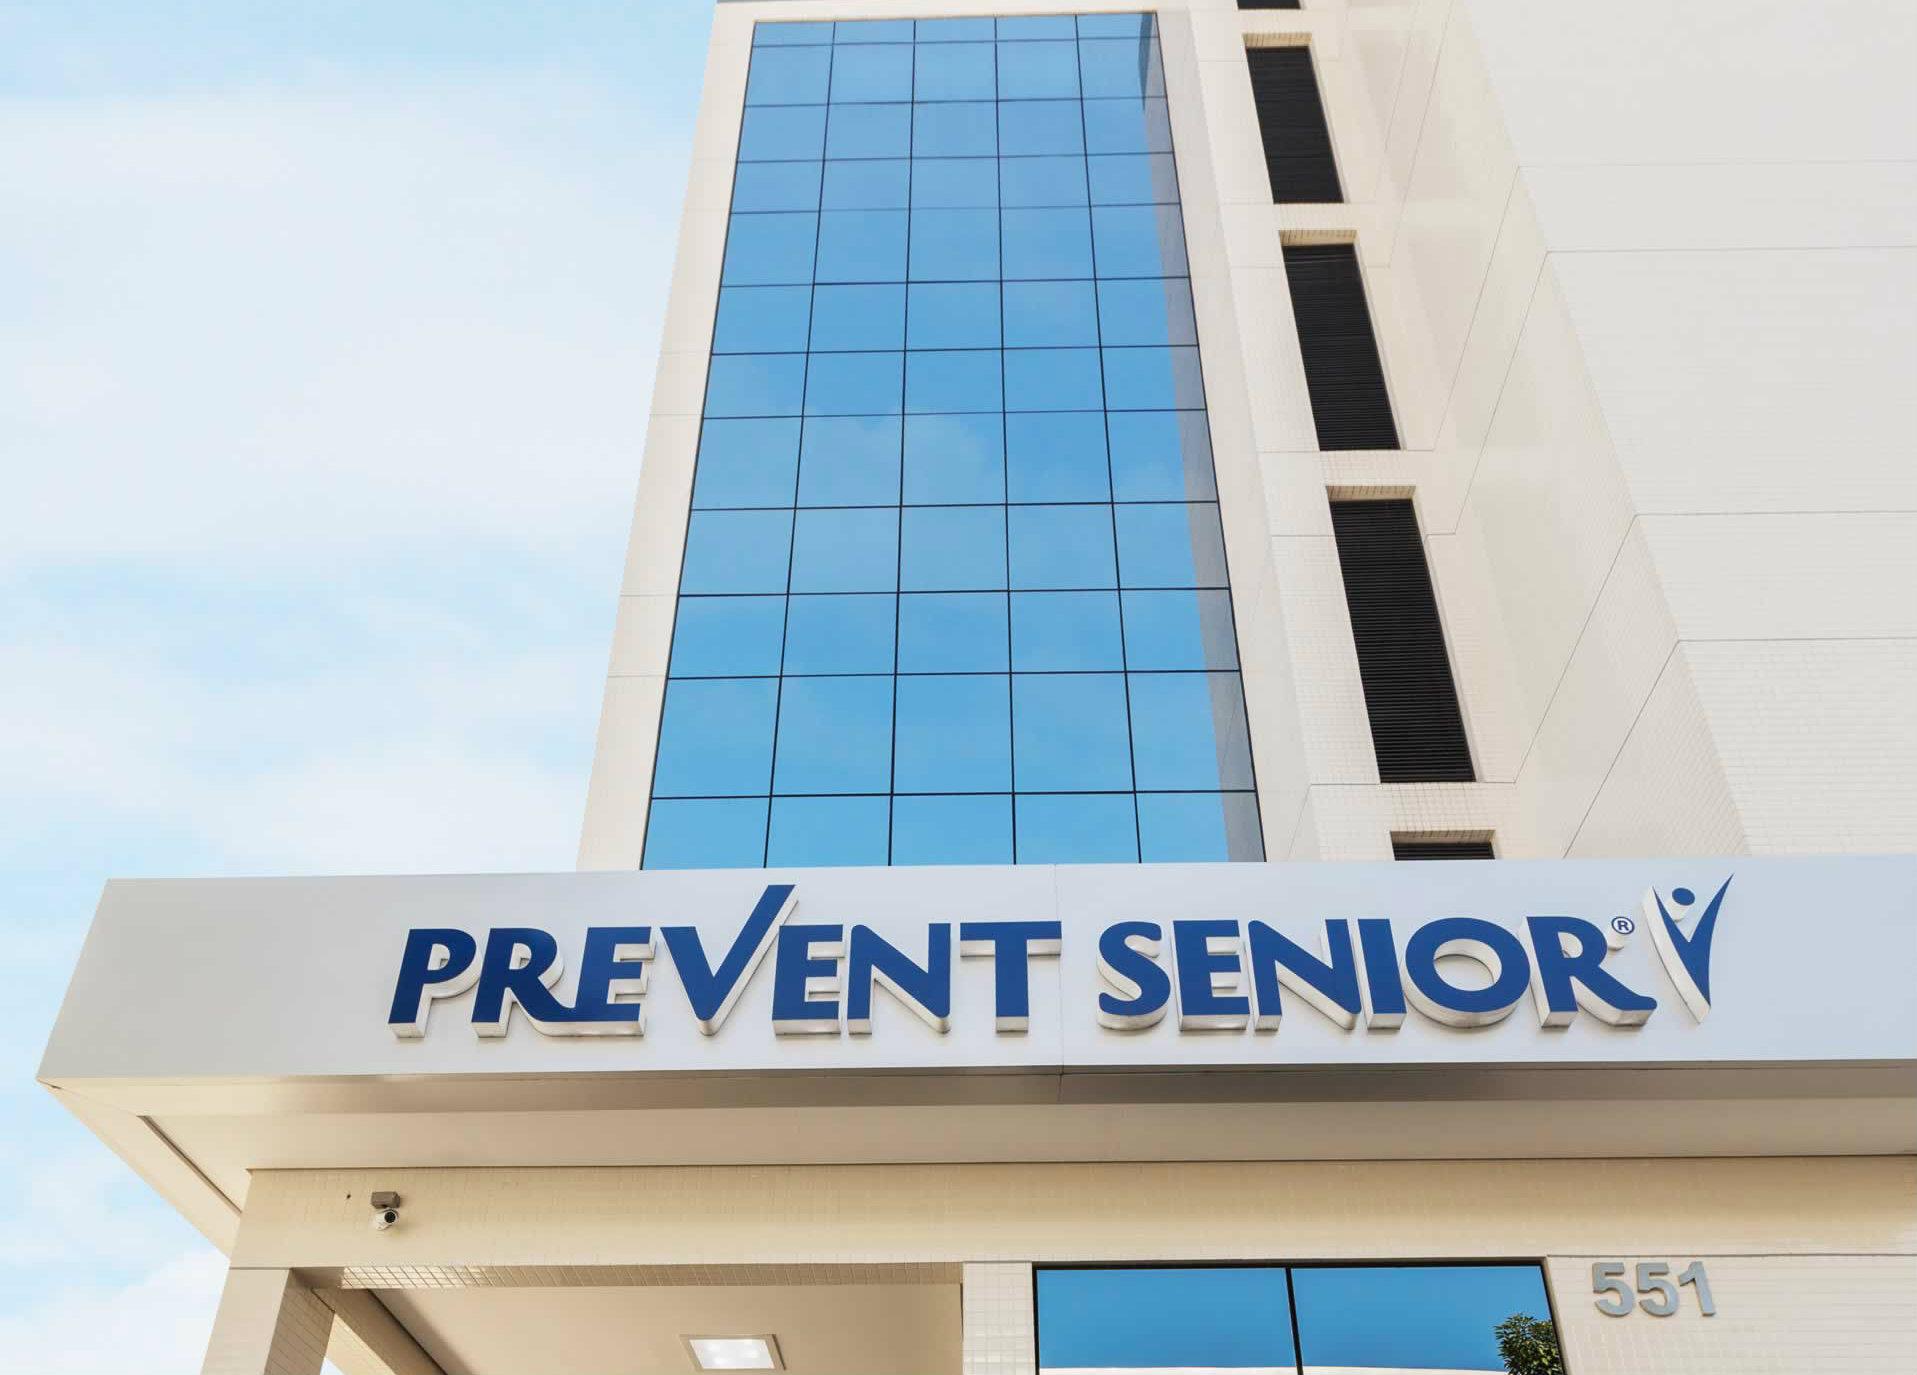 IMAGEM: Nota da Prevent Senior